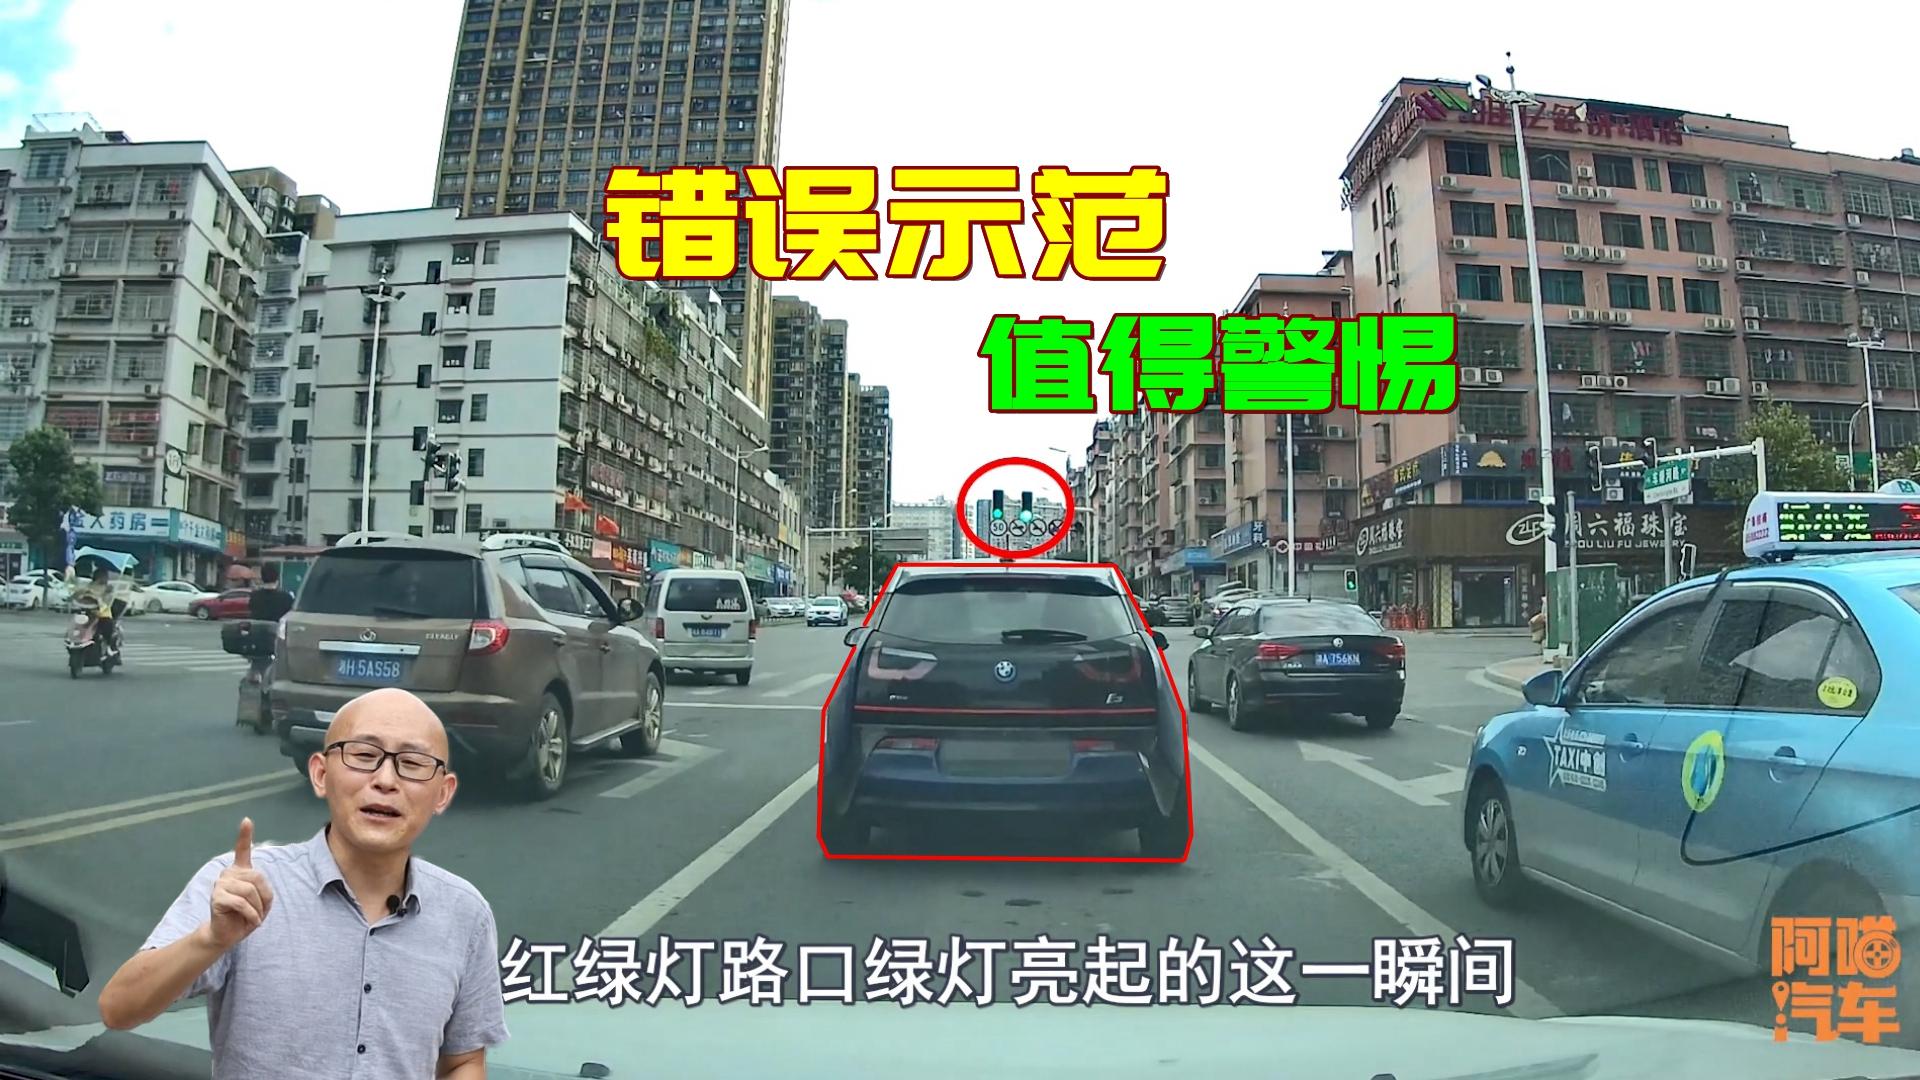 开车经过红绿灯路口,要警惕小电车这种行为,出了车祸负全责